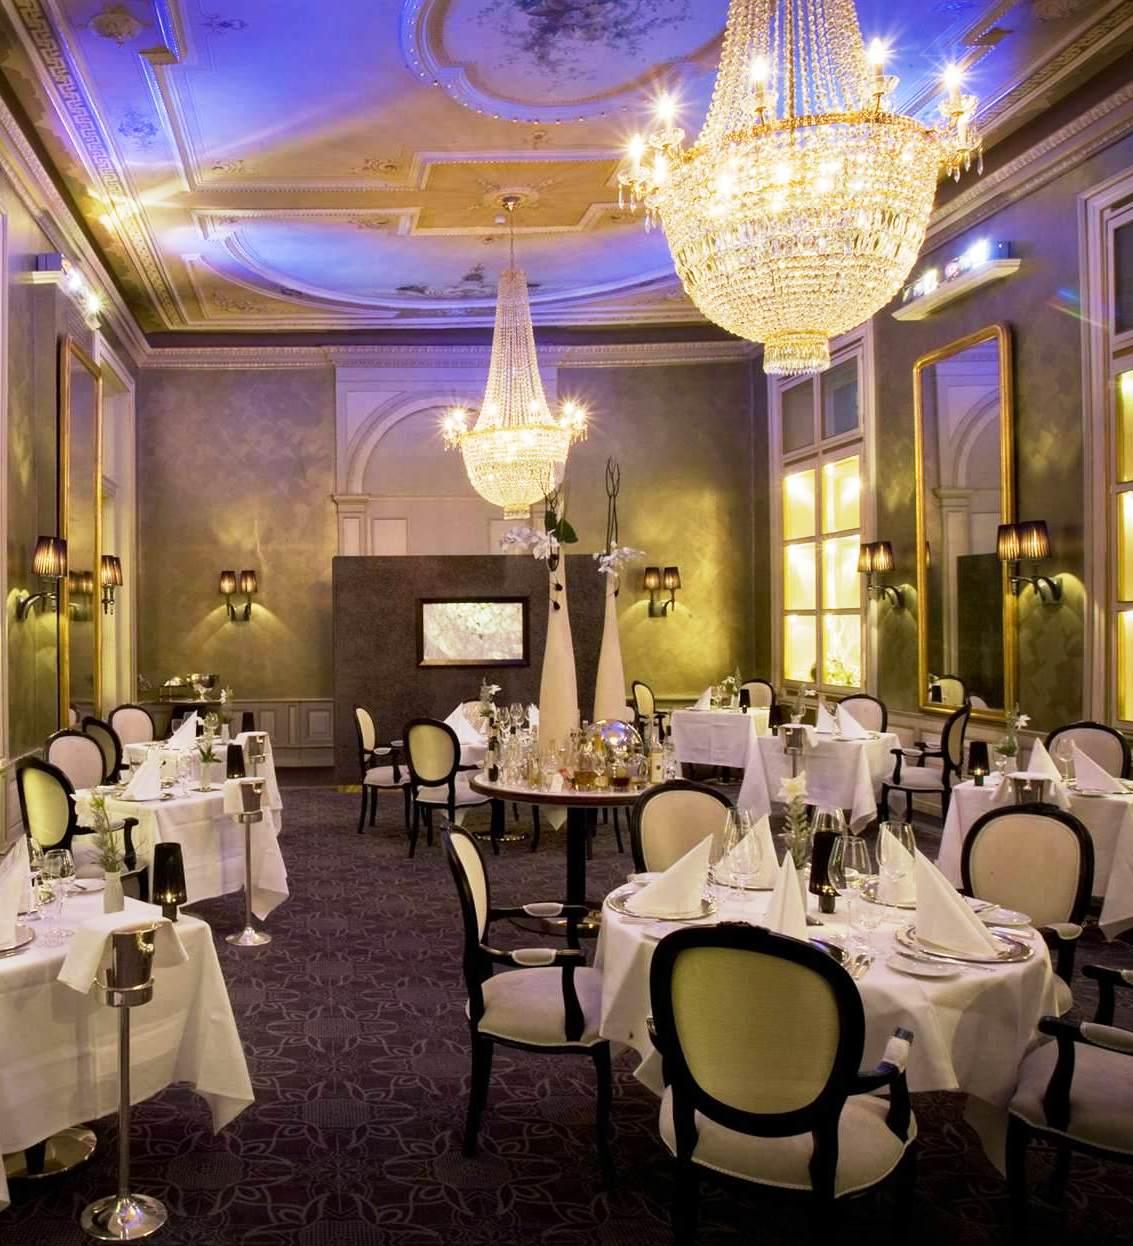 Tenuta zimarino masseria don vincenzo azienda agricola for Restaurant grand hotel des bains